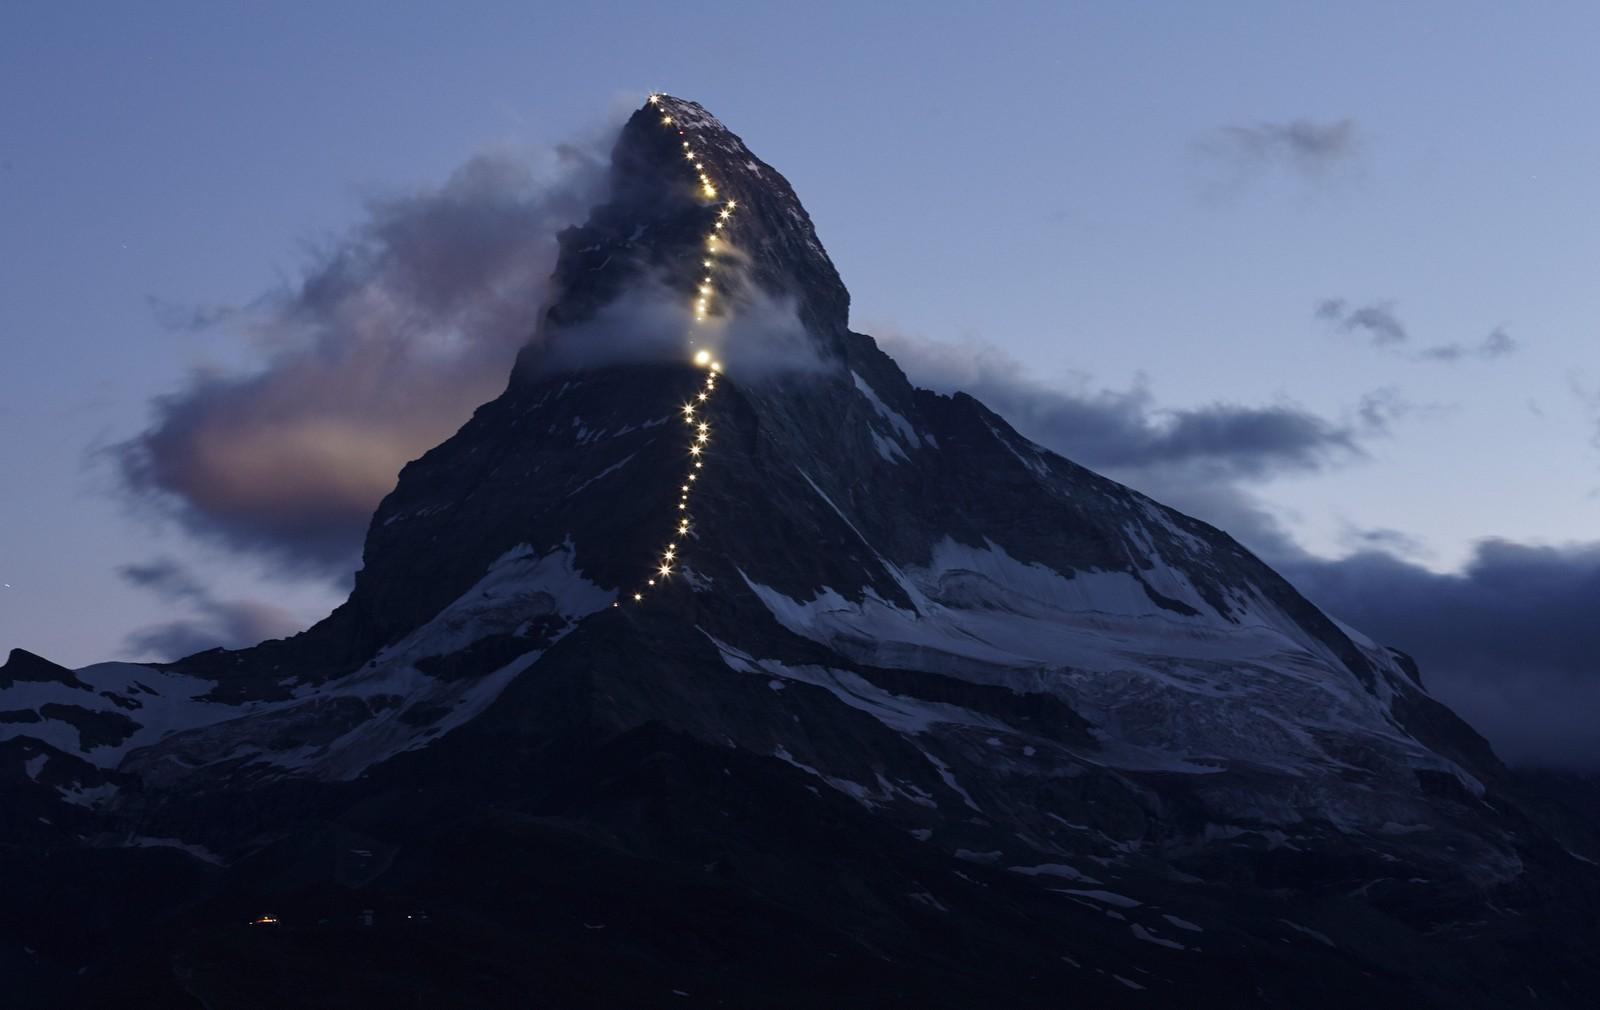 Matterhorn-fjellet i Sveits ble denne uka lyst opp av solcelle-drevne lamper for å markere at det er 150 år siden fjellet ble besteget for første gang. Briten Edward Whymper ledet ekspedisjonen den gang, og fire klatrere falt ned og omkom. Det røde lyset på fjellet markerer der de fire falt i døden.